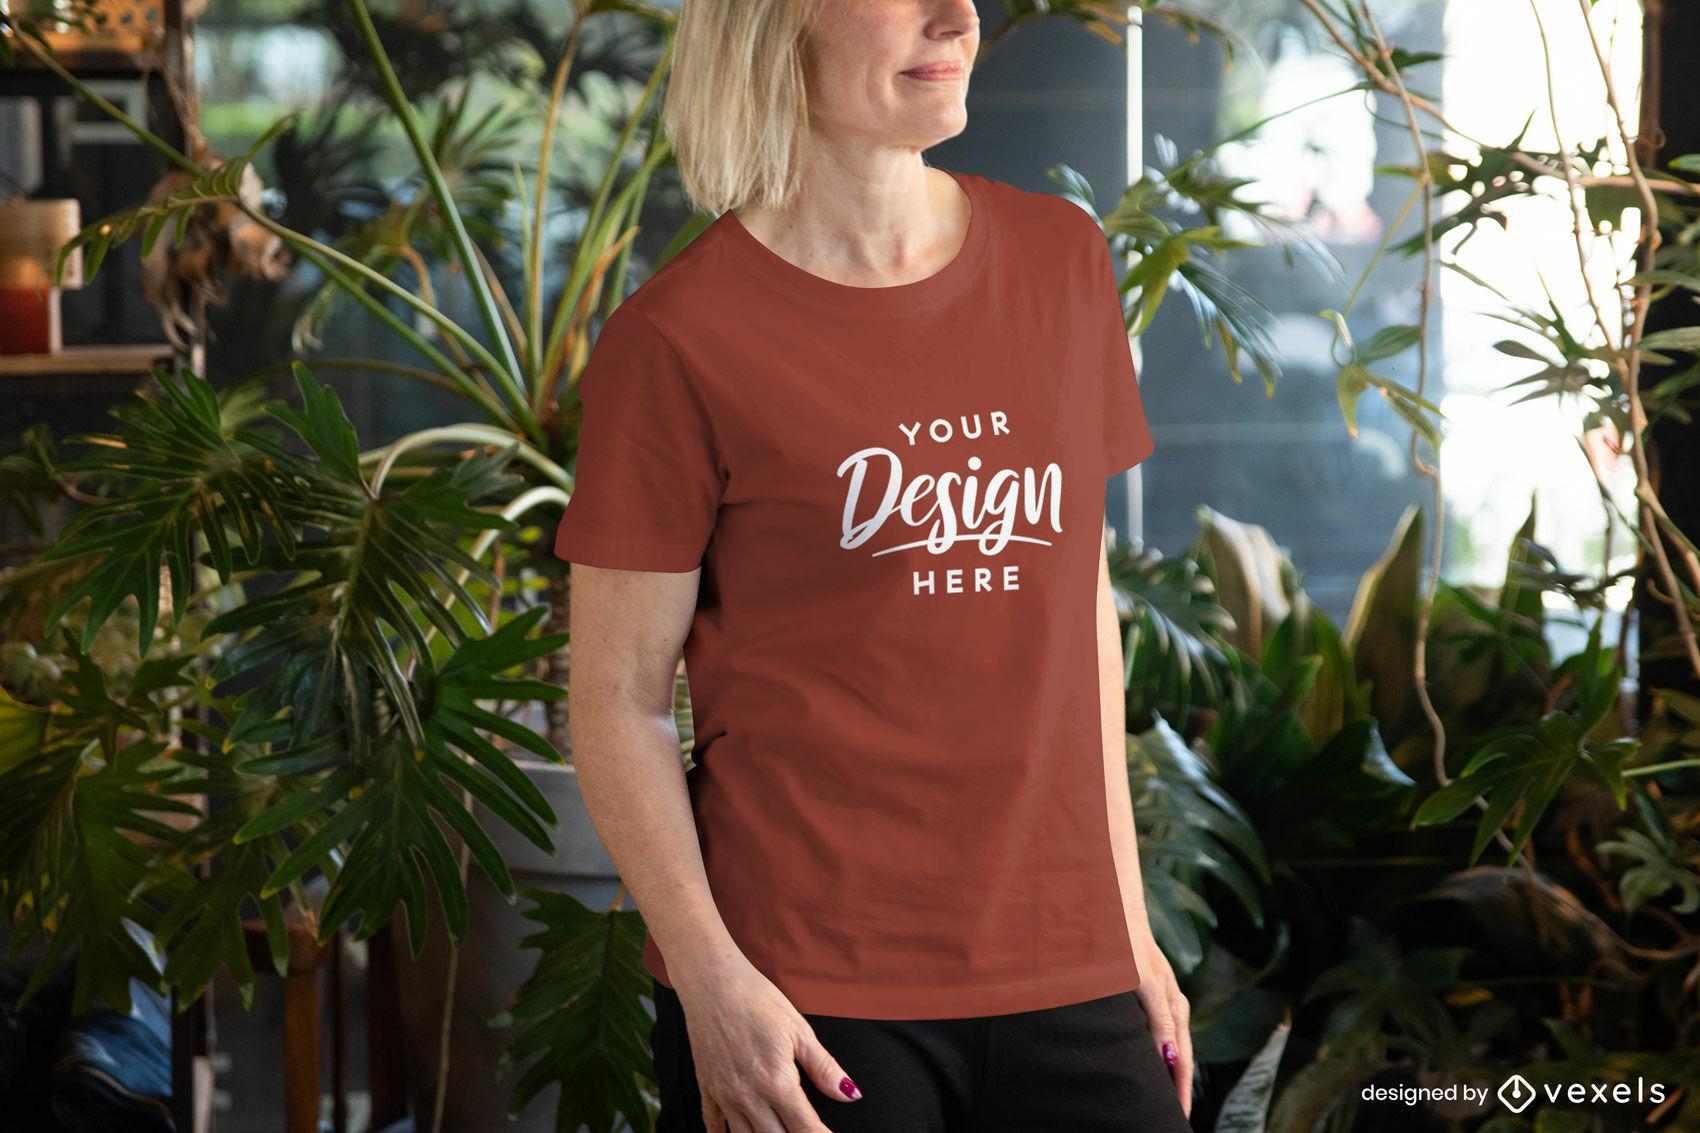 Mulher com maquete de camiseta vermelha na sala com plantas